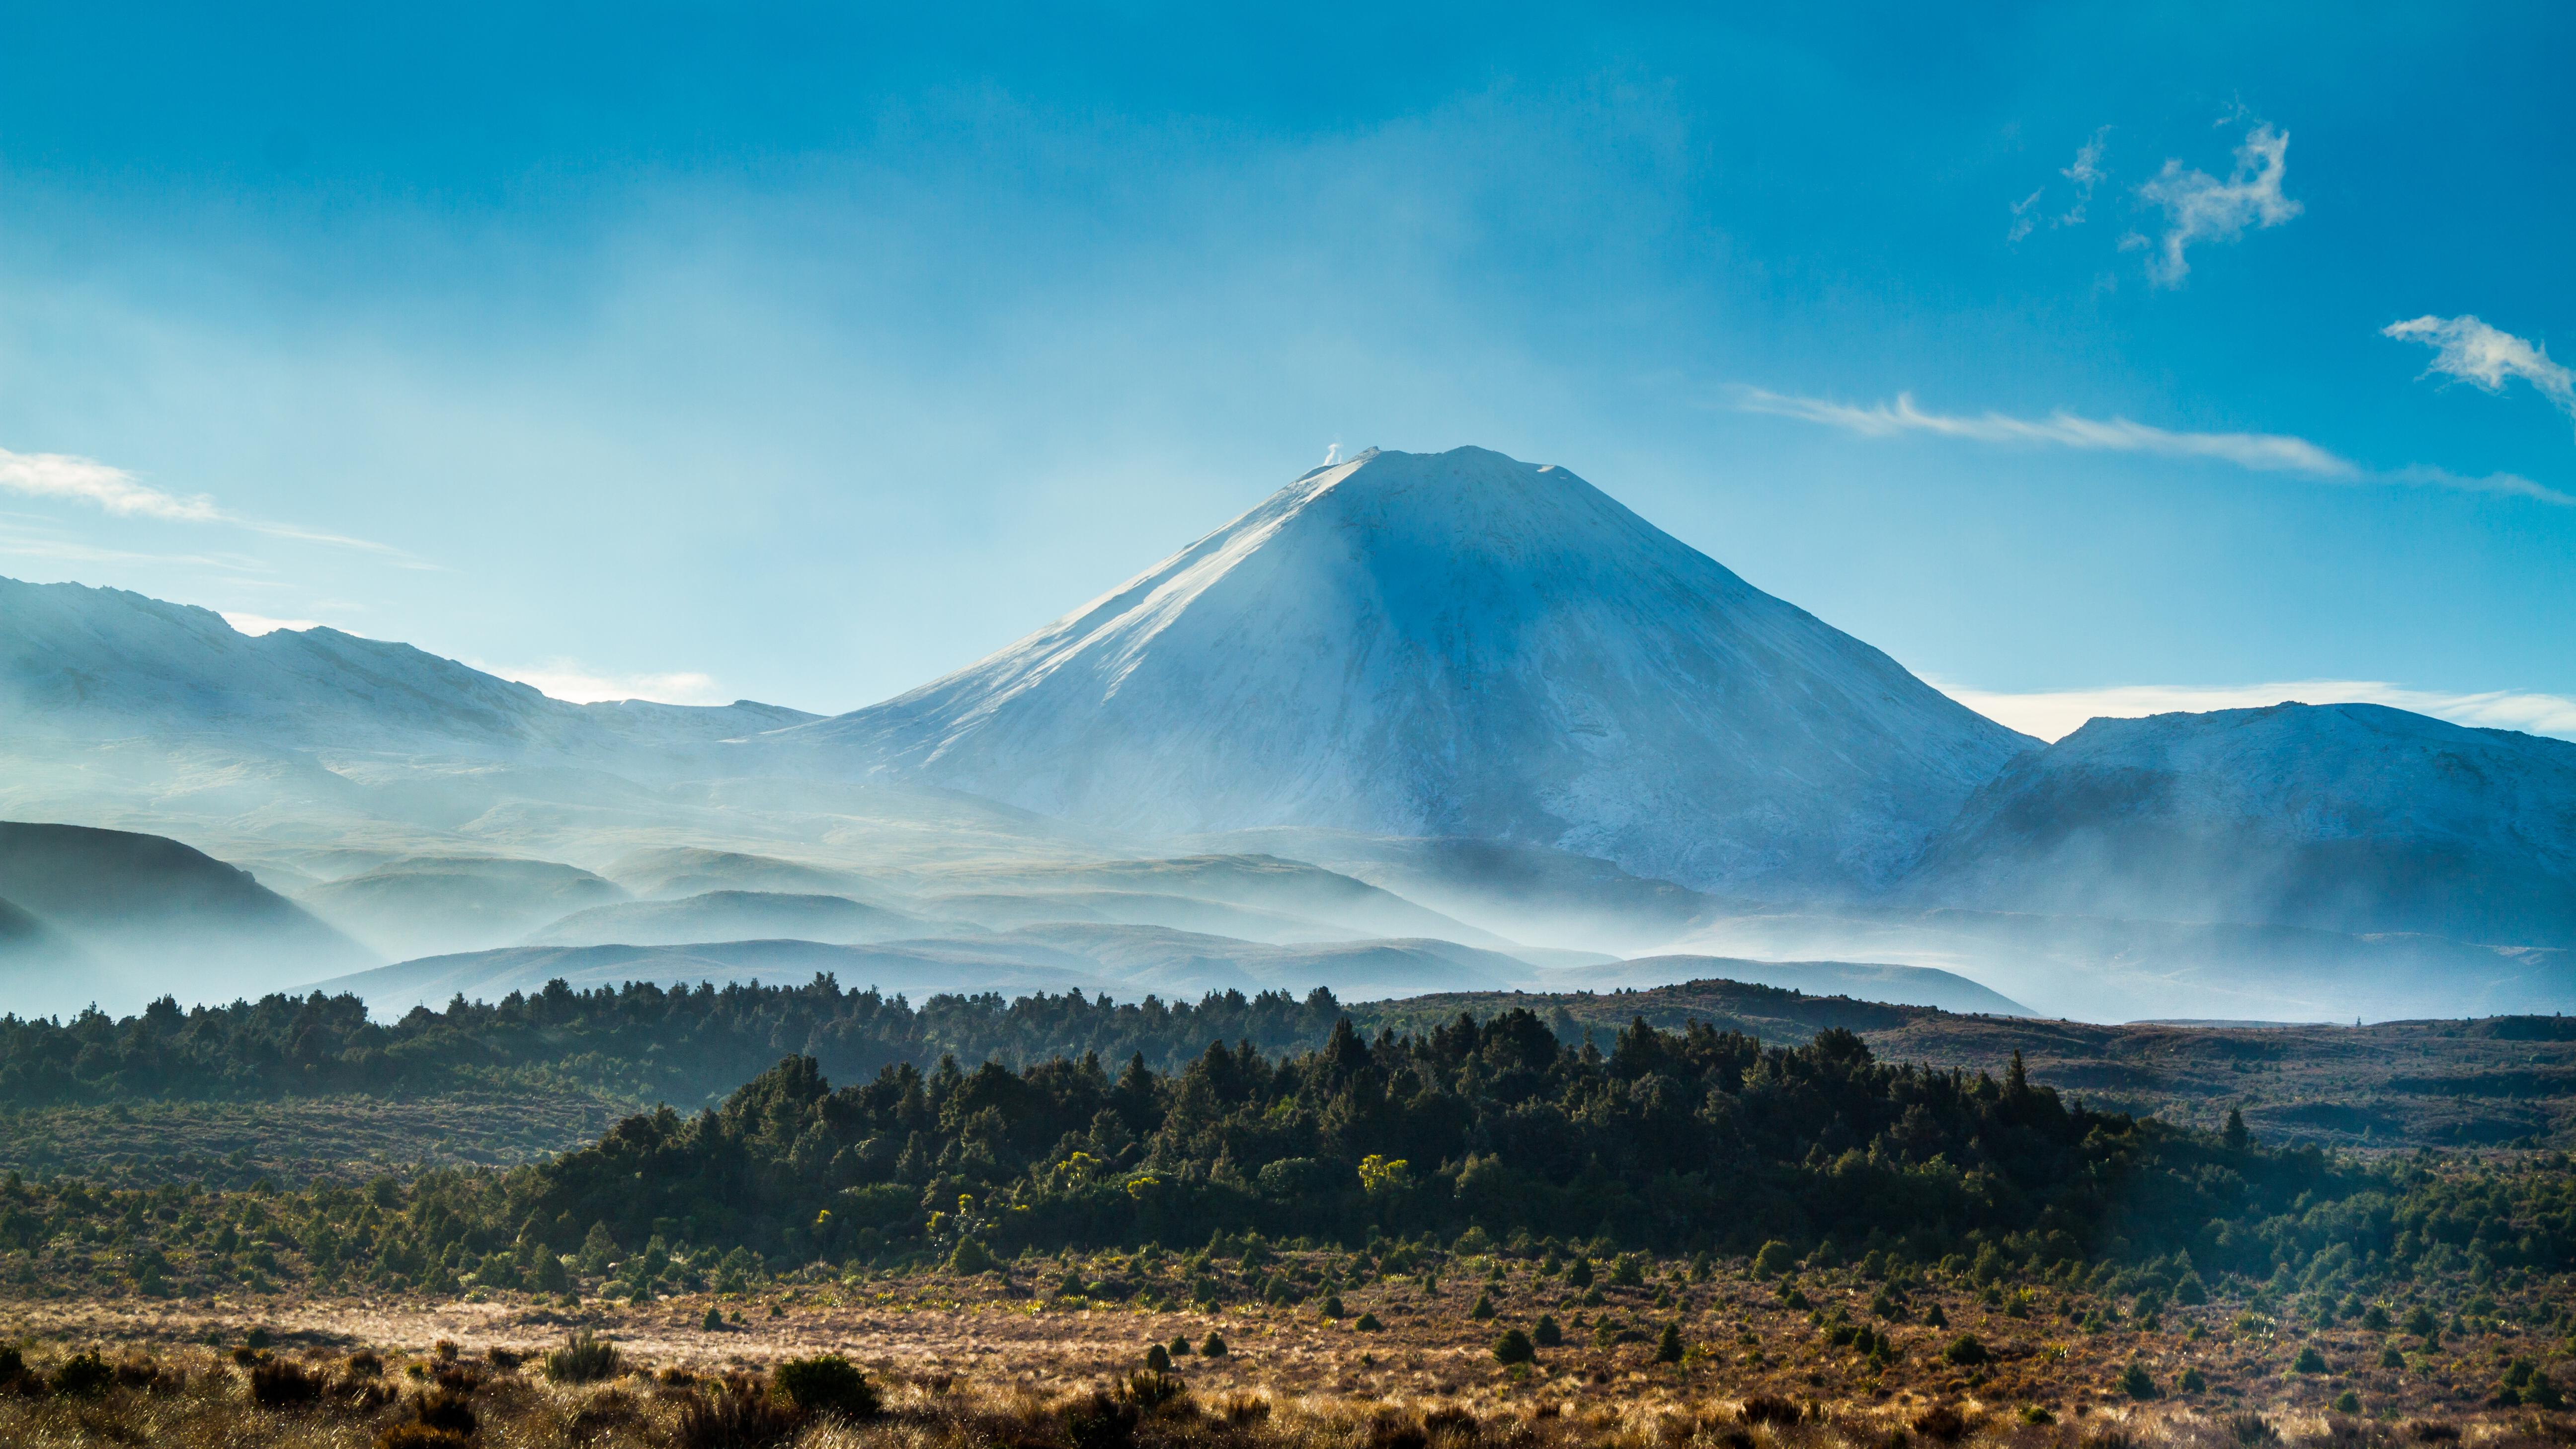 El monte Ruapehu, la montaña más alta de la Isla Norte, entró en erupción por última vez en 2007, según GeoNet